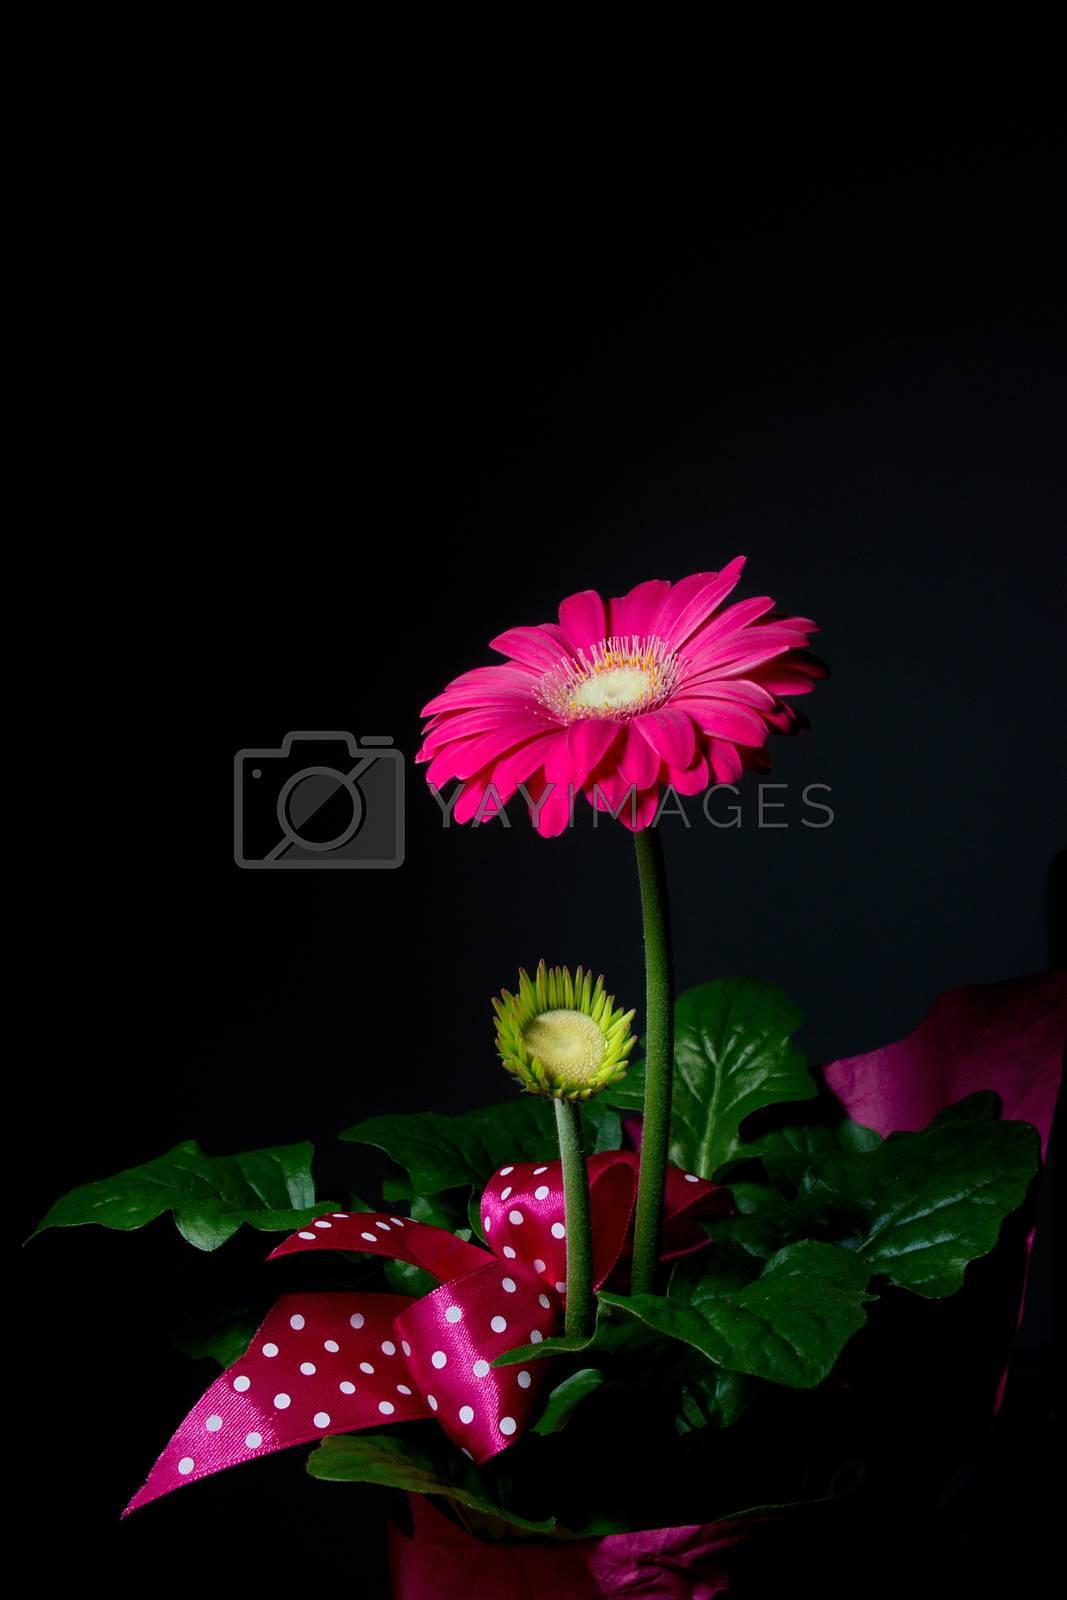 Royalty free image of Purple gerbera flower by anderm